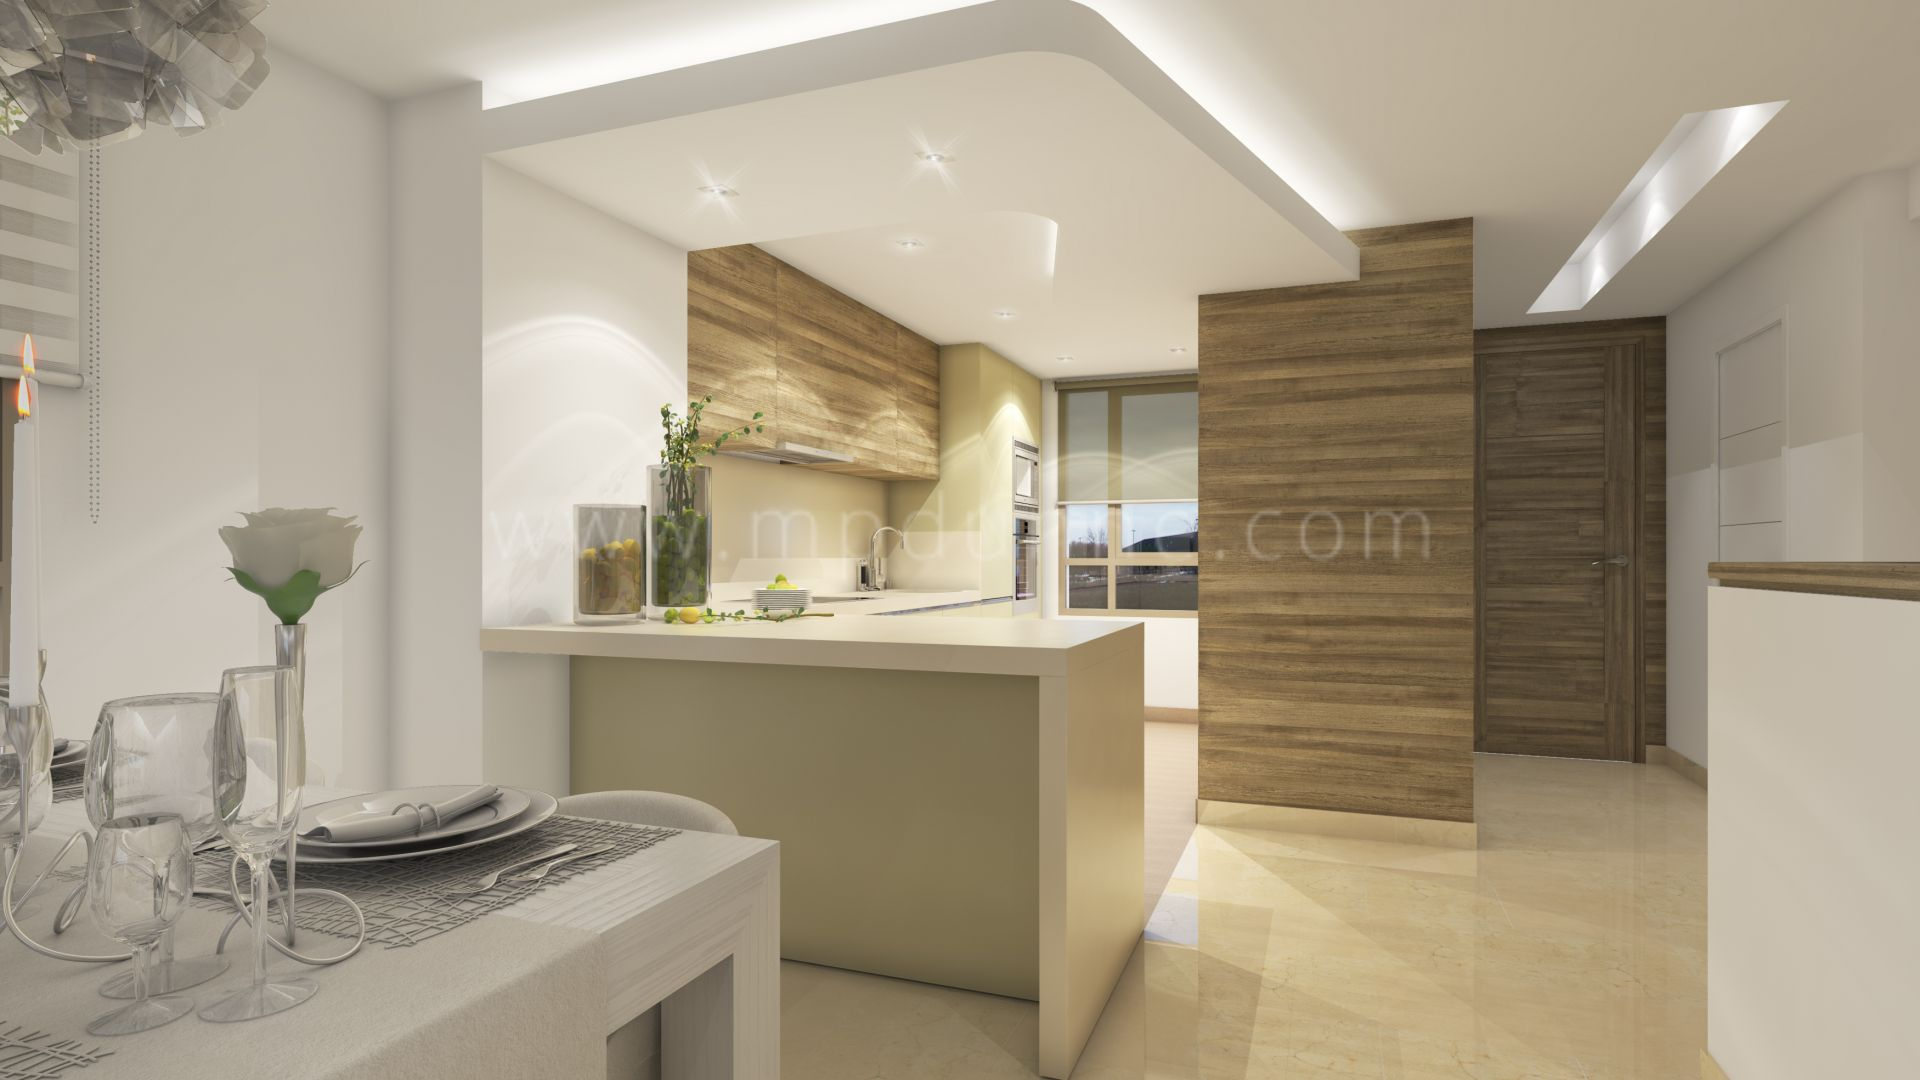 Horizon golf la cala golf apartamentos de nueva for Apartamentos interiores contemporaneos